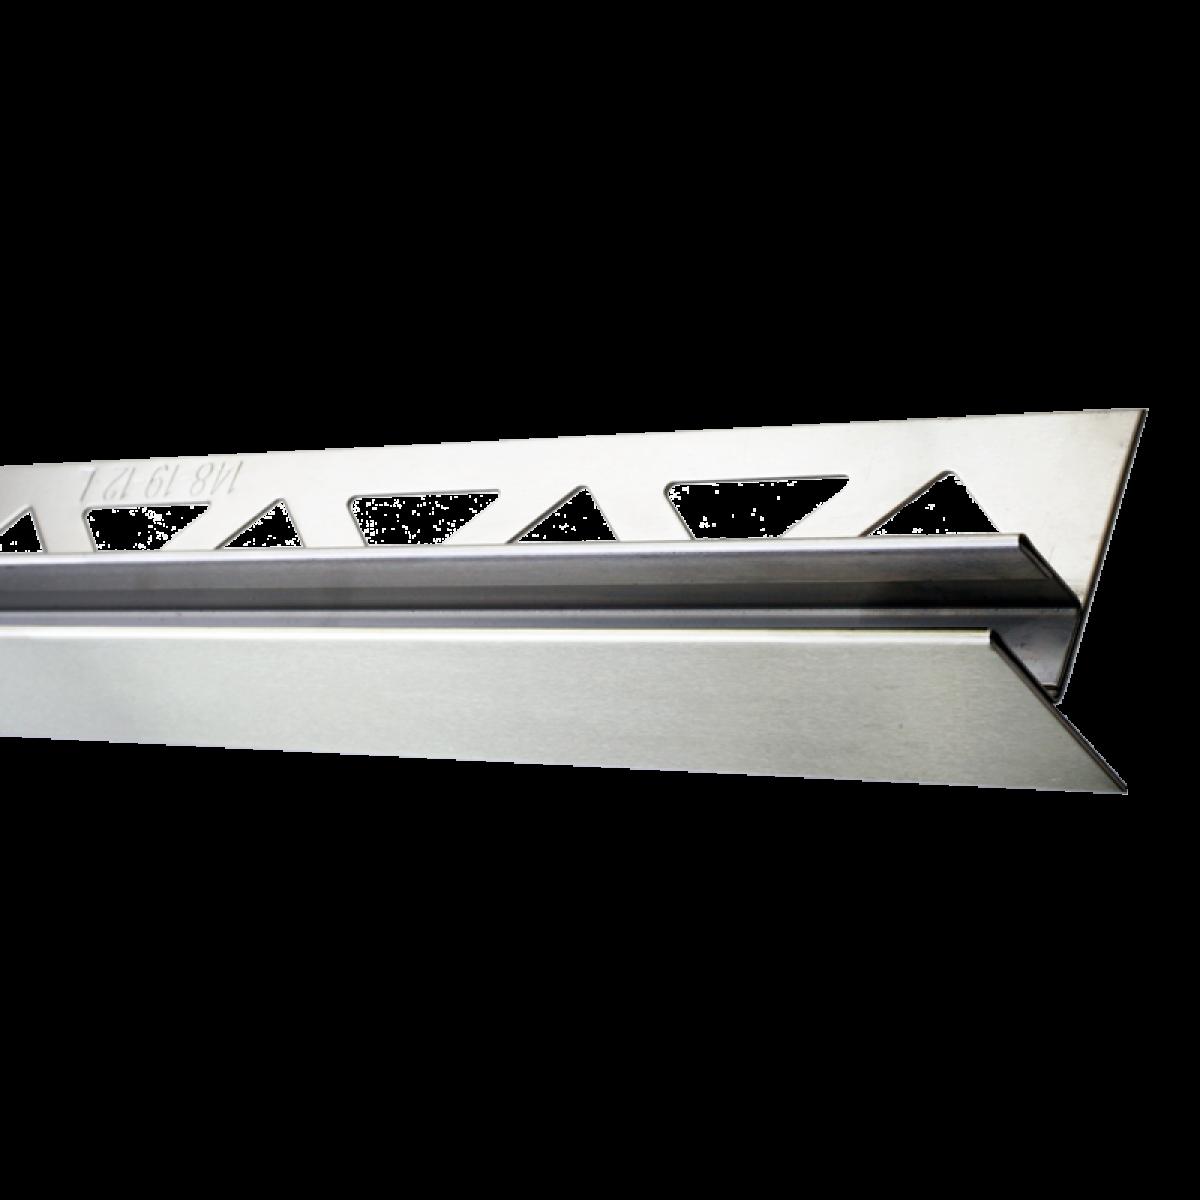 Edelstahl-Duschprofil mit Glasaufnahme FE-DP/G120-19-12-L Höhe: 37 mm